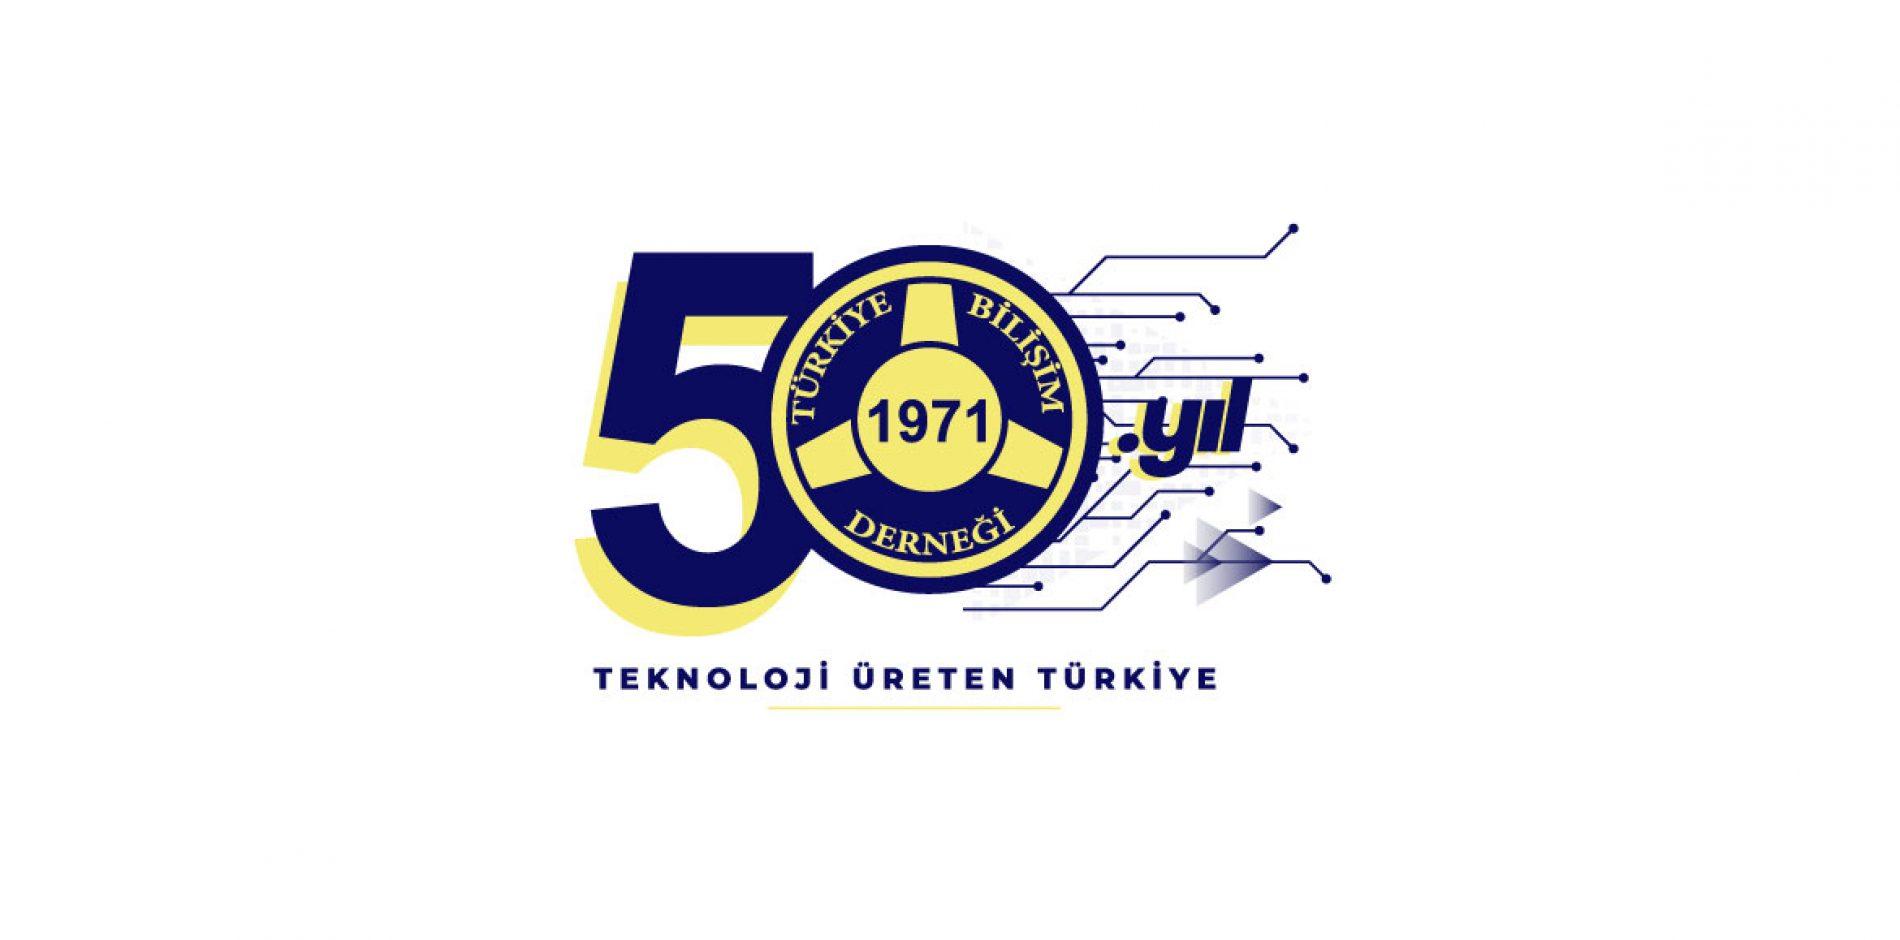 Türkiye Bilişim Derneği İstanbul Şubesi 14. Olağan Genel Kurul II. Toplantı Duyurusu